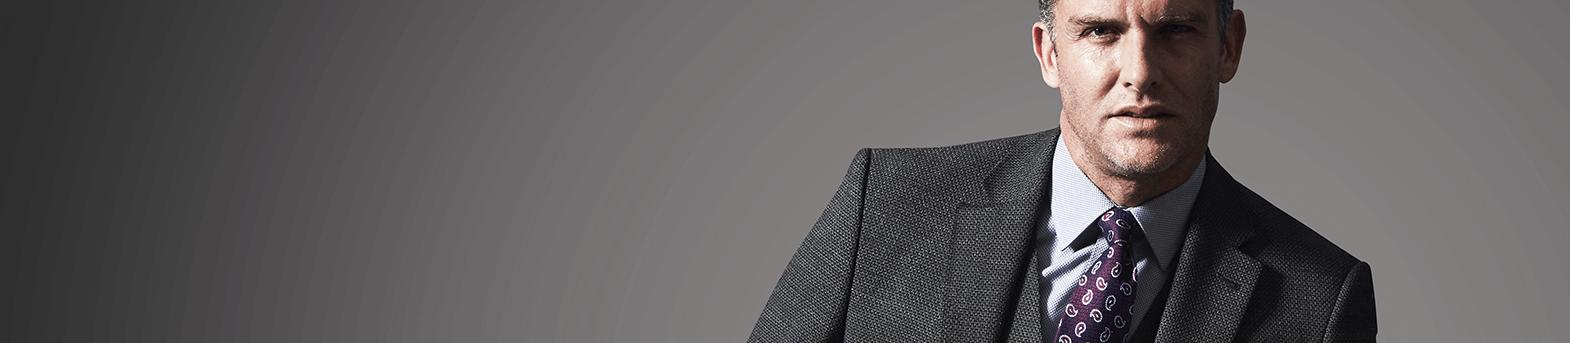 Men's Textured Suits